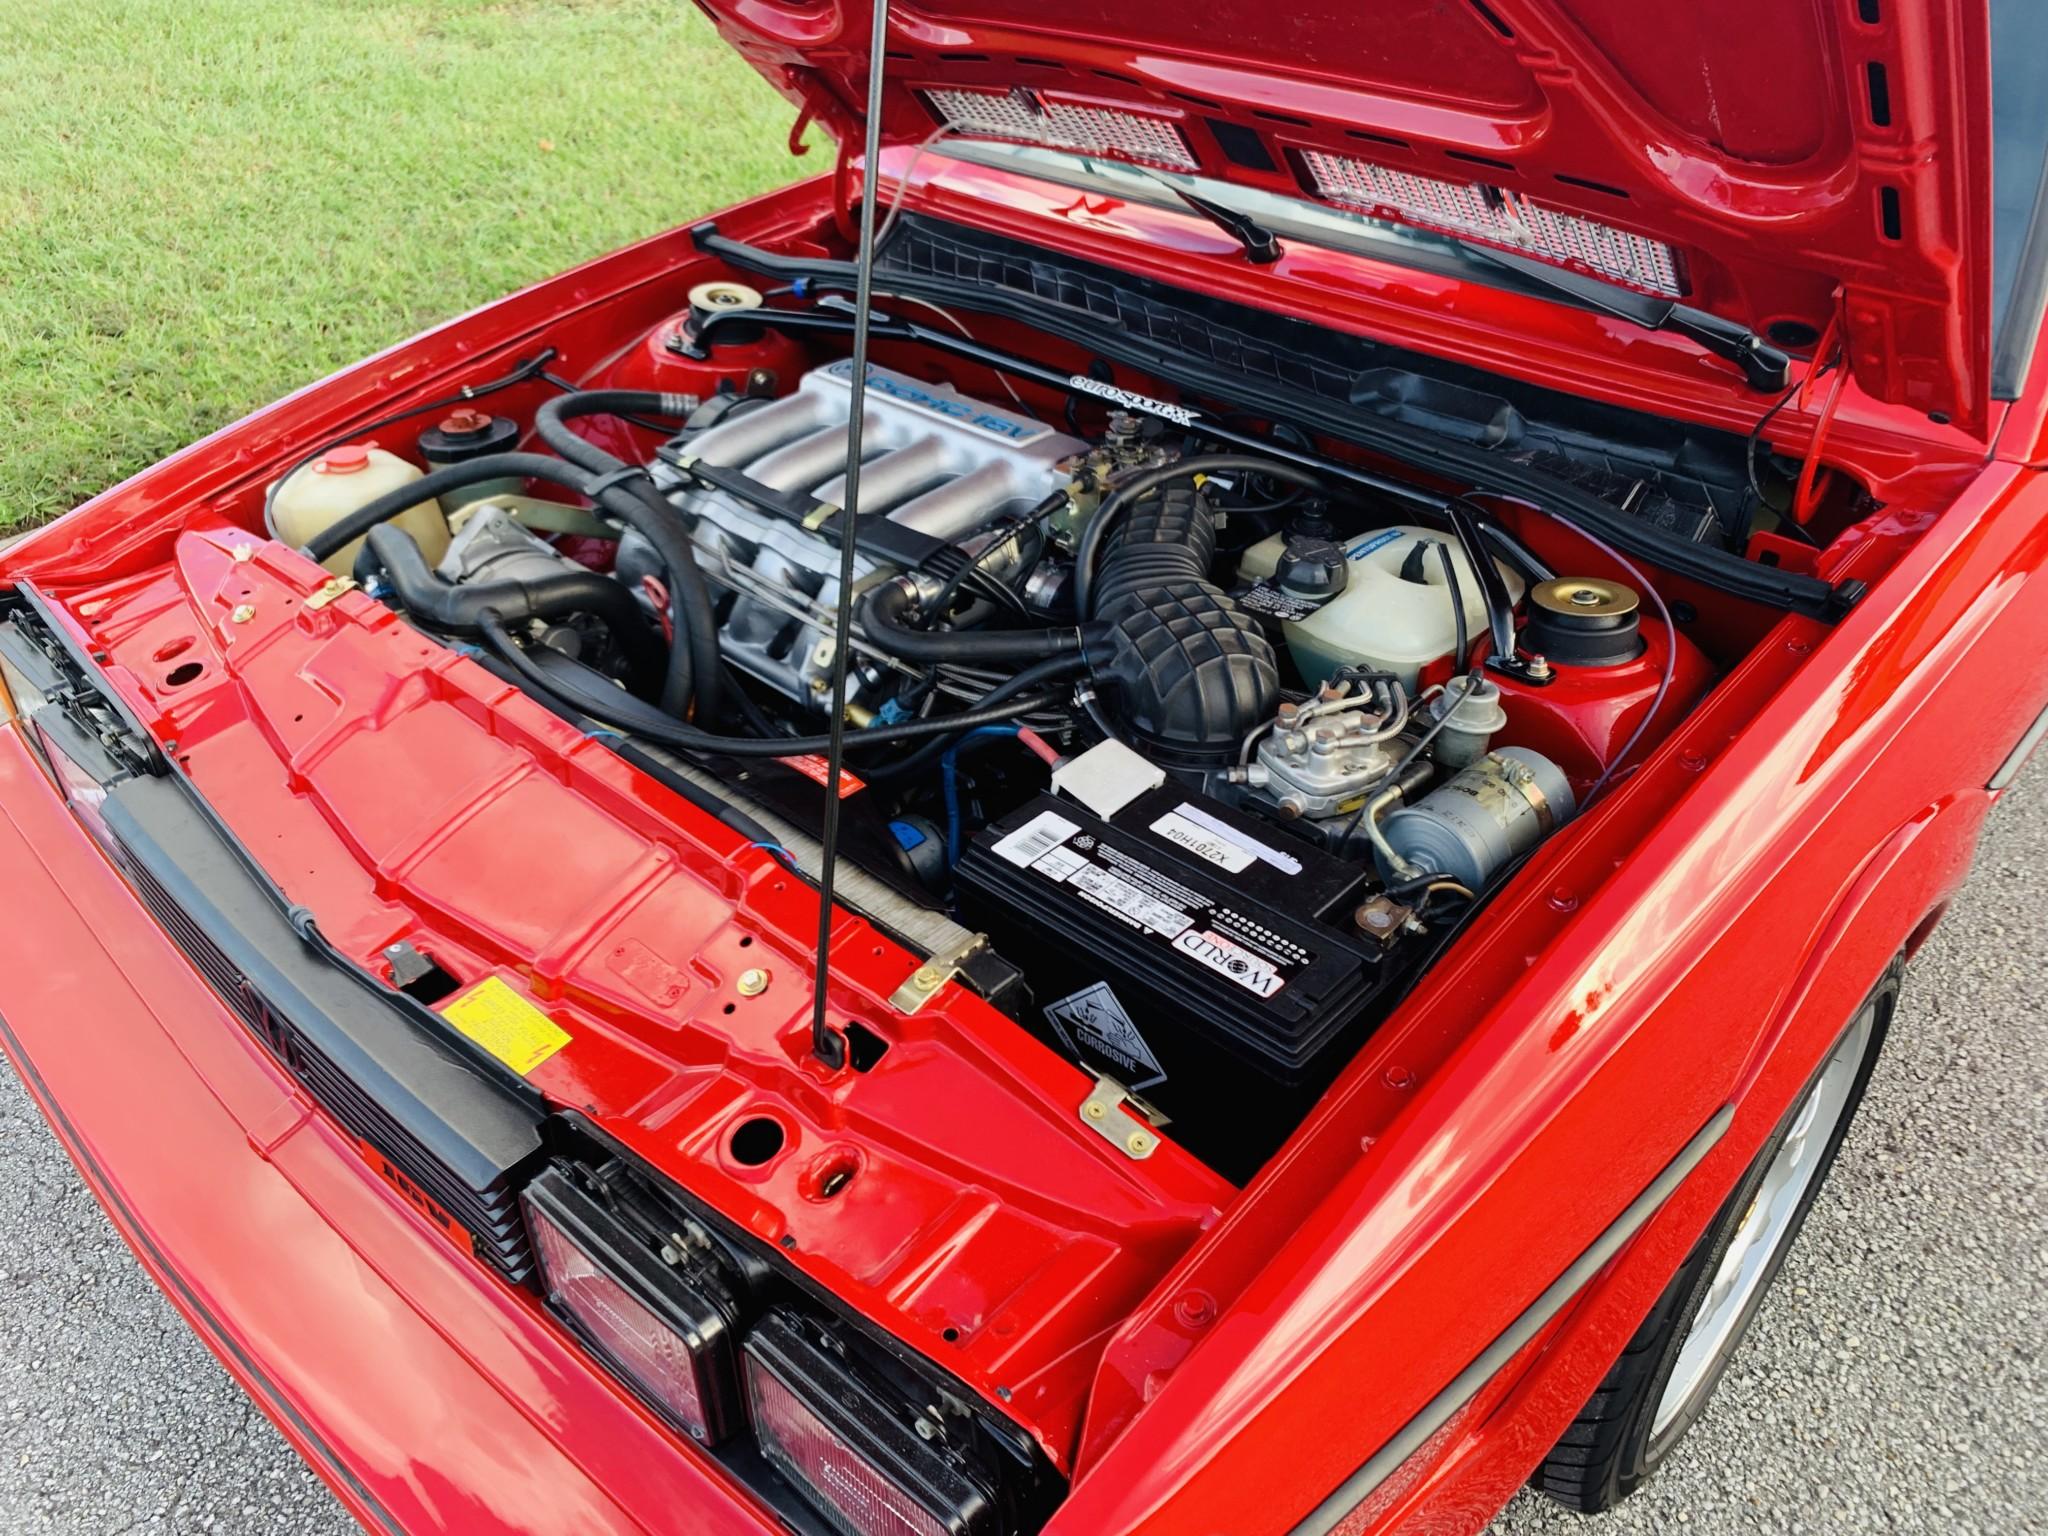 1986_volkswagen_scirocco_16v_1571785096465ce65cbf76b70FB4BE59-5C01-41EB-B295-5D78E0358FDC